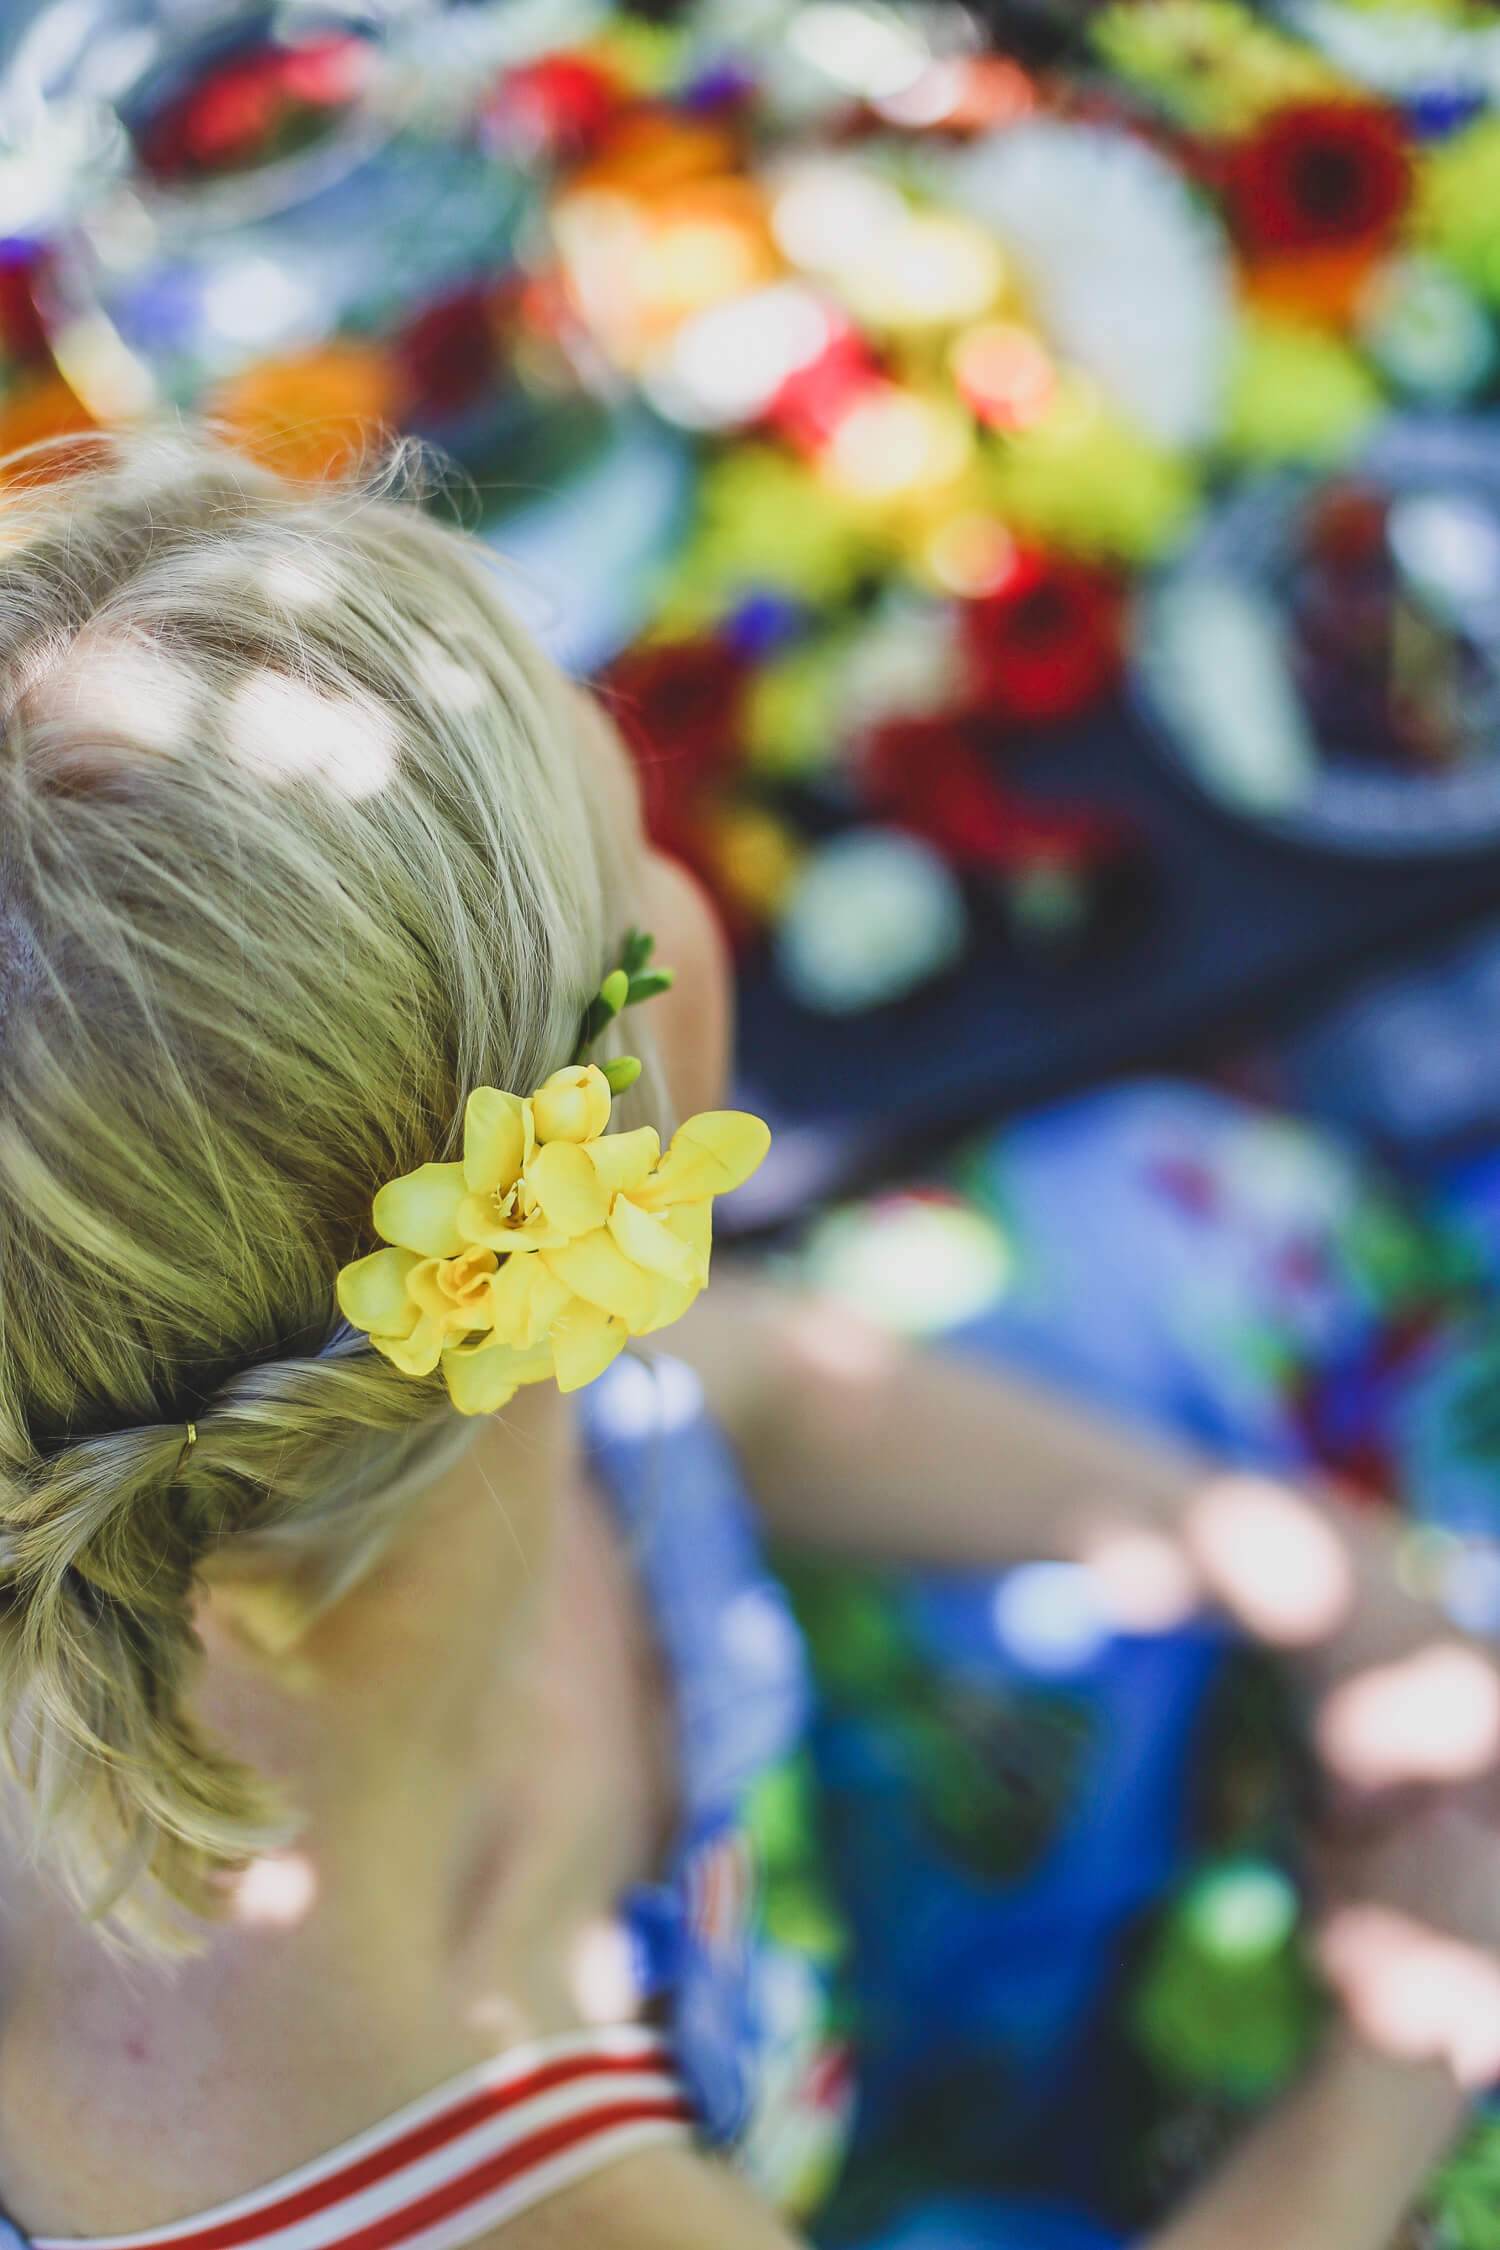 Kesäloman kukkapiknik on katettu ulos puutarhaan. Pöytäasetelmana toimii paljon erilaisia värikkäitä kukkia.